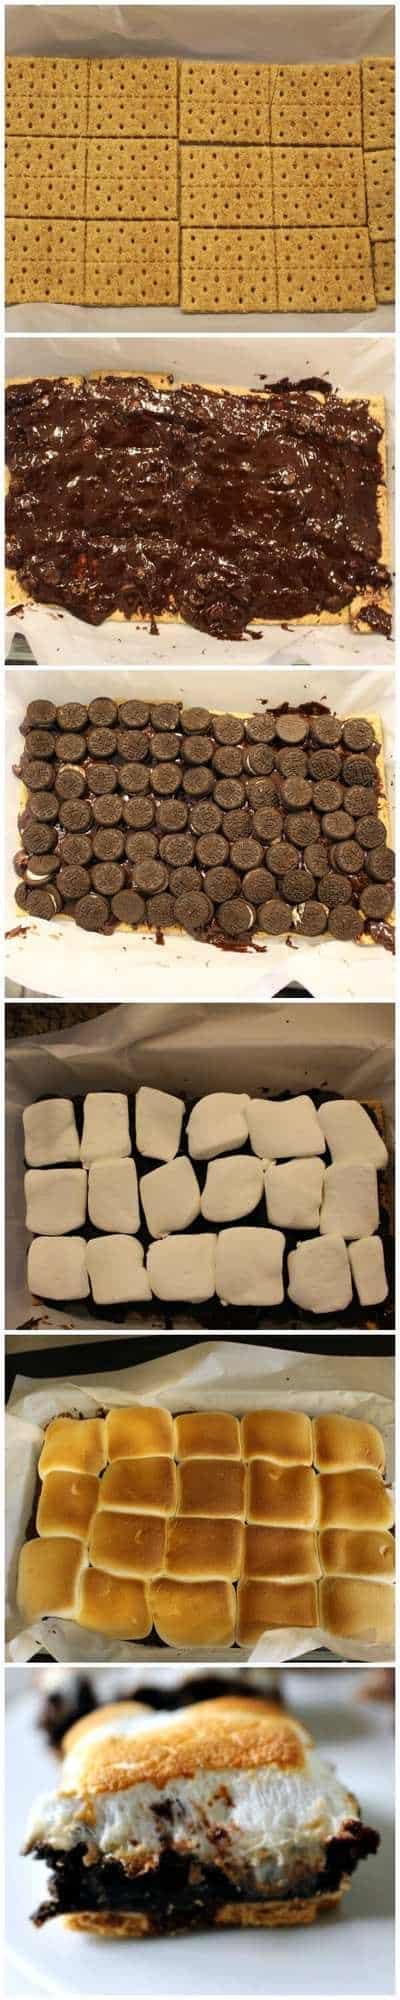 How to make a SmOreo - Smore Oreo Brownie Bar